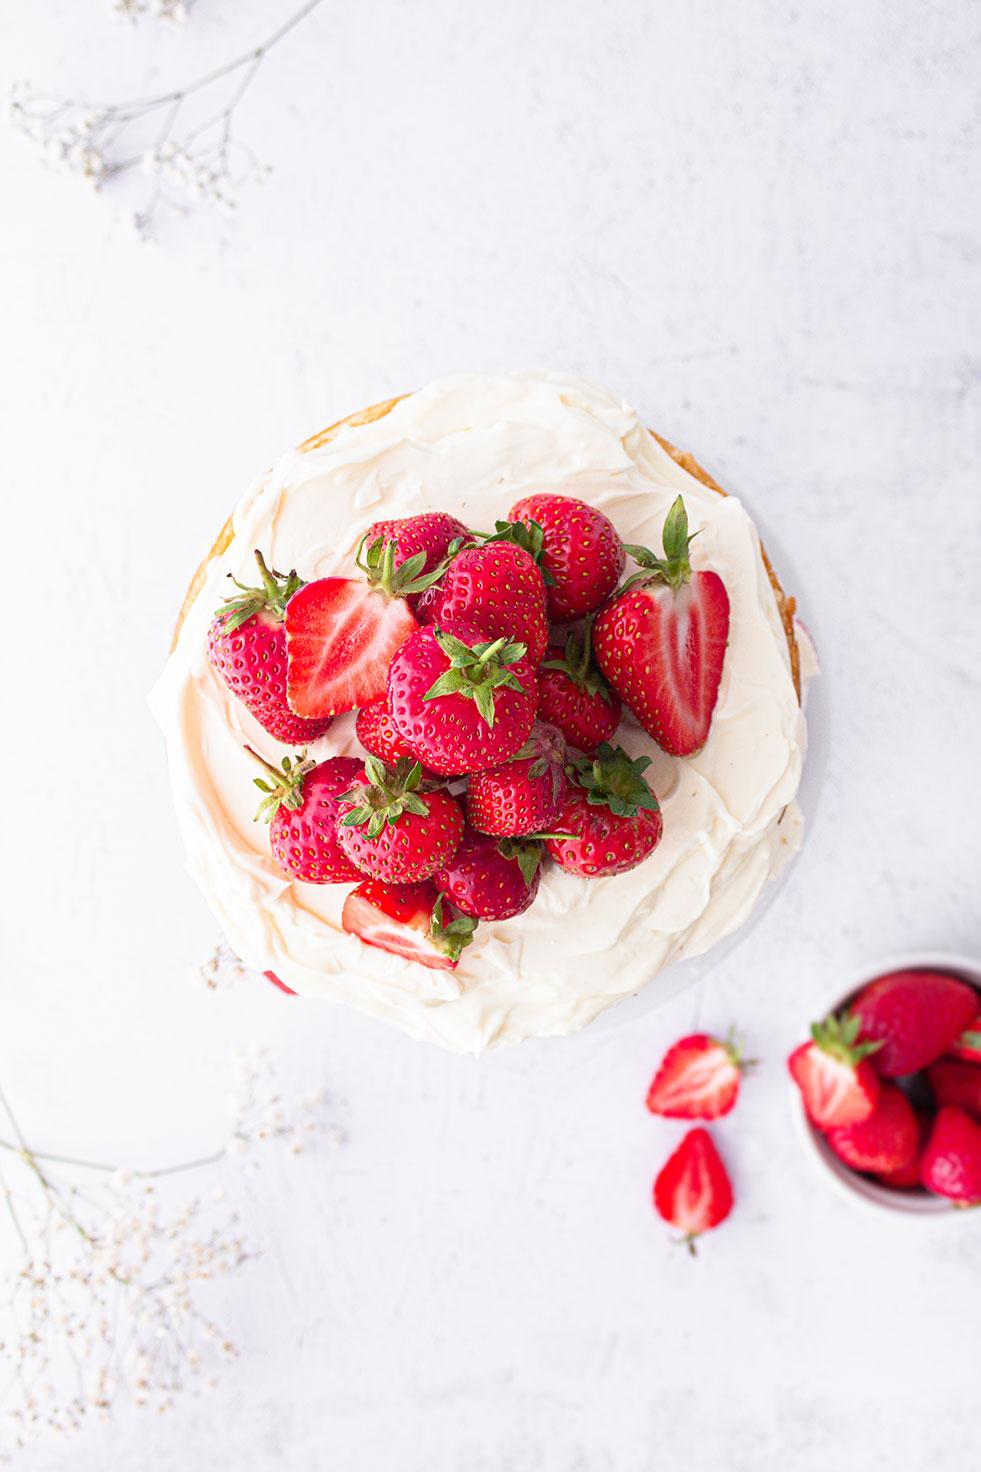 Erdbeer-Zitronen Törtchen von oben